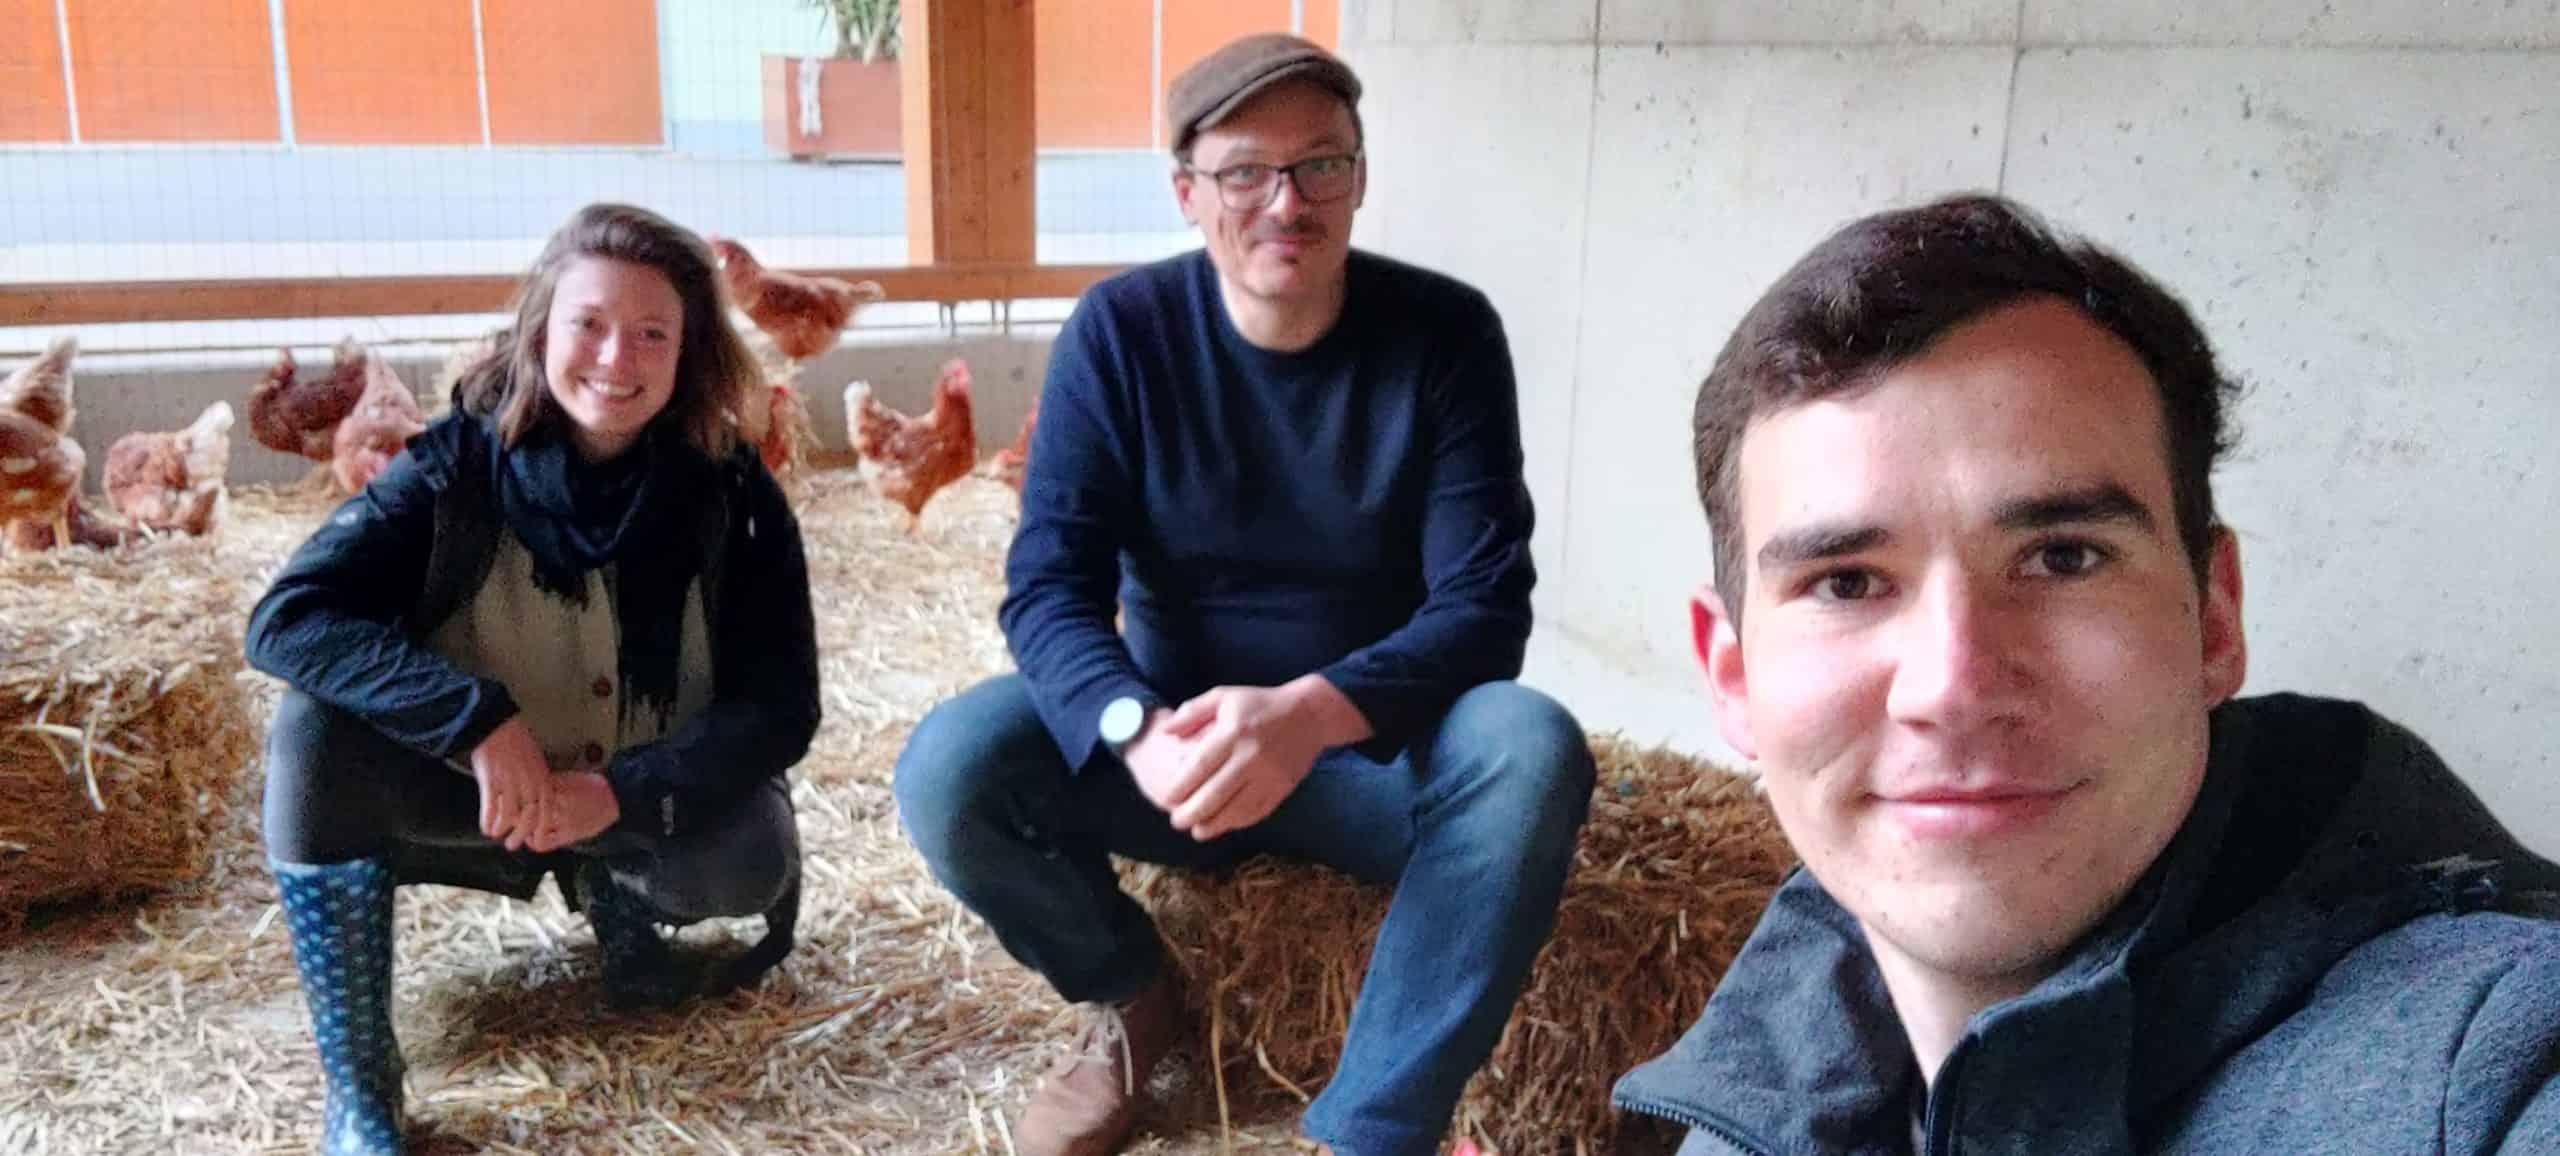 Selfie im Hühnerauslauf mit Bianca Blasl, Hans-Peter Schlegl und Wilhelm Geiger